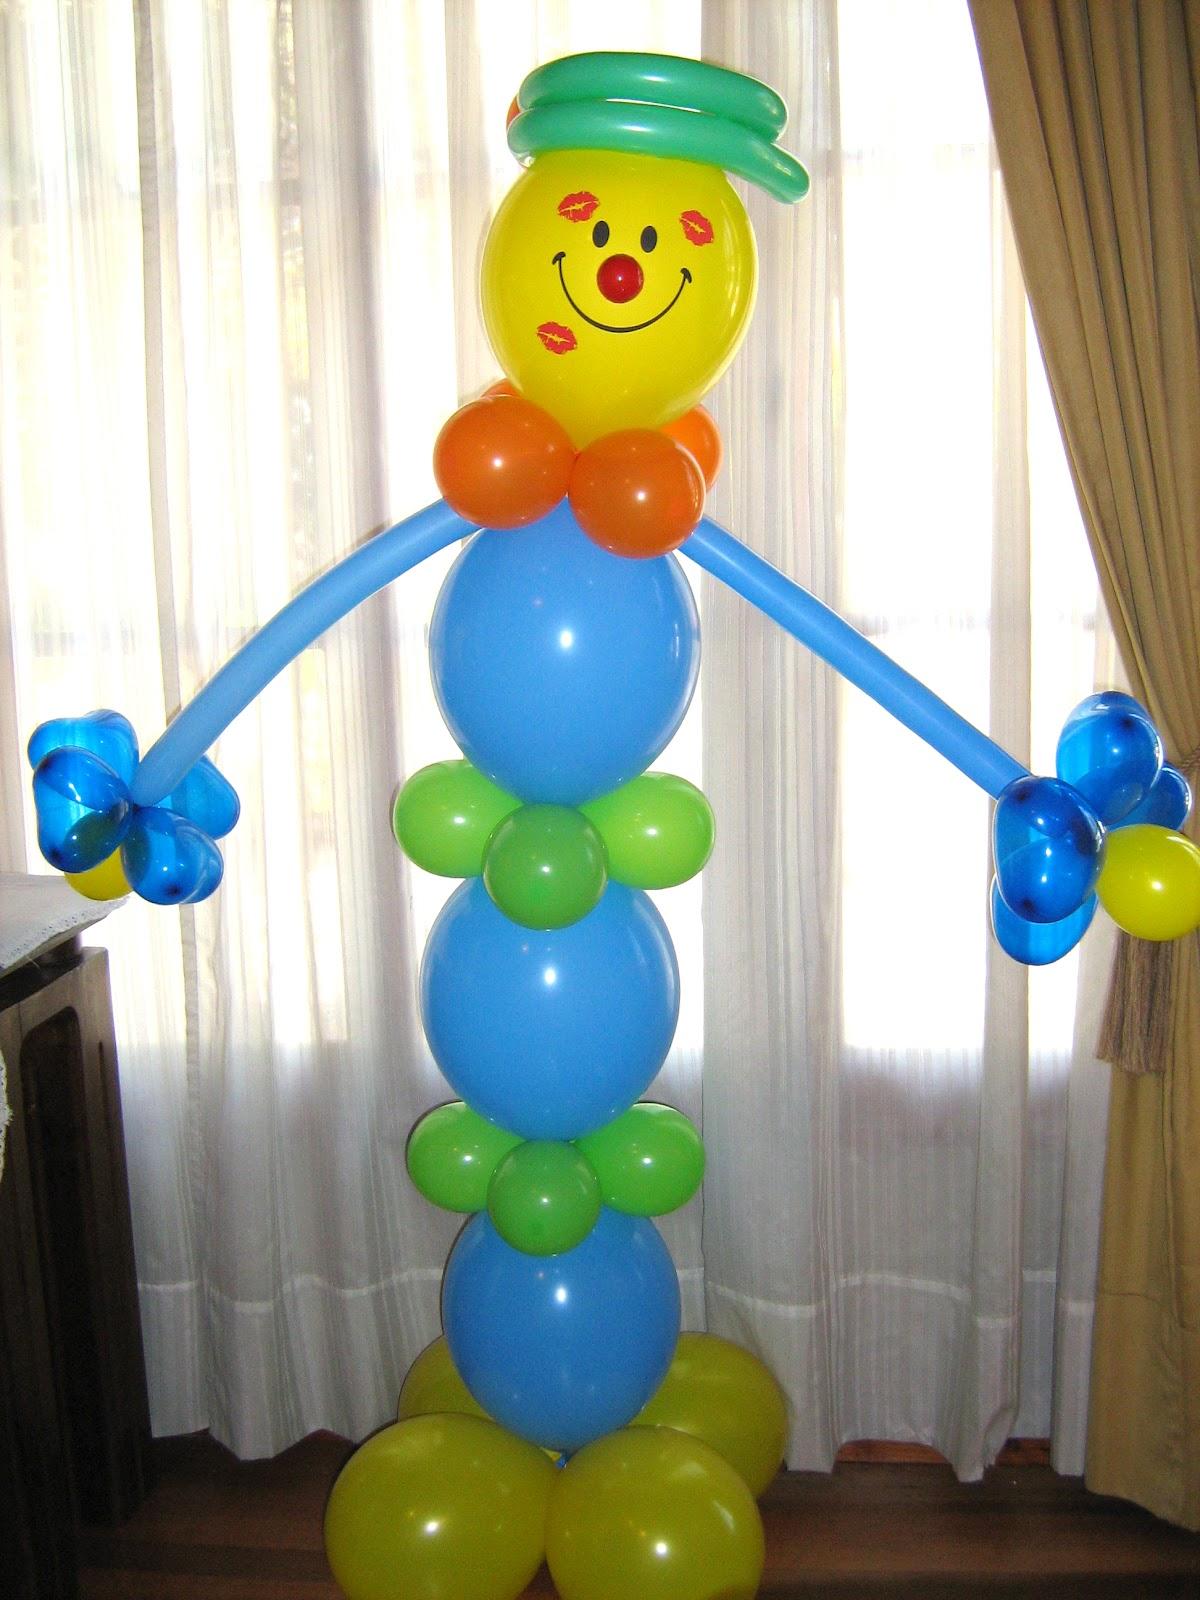 Ideas locuras y creaciones lindos arreglos con globos - Globos aerostaticos infantiles ...